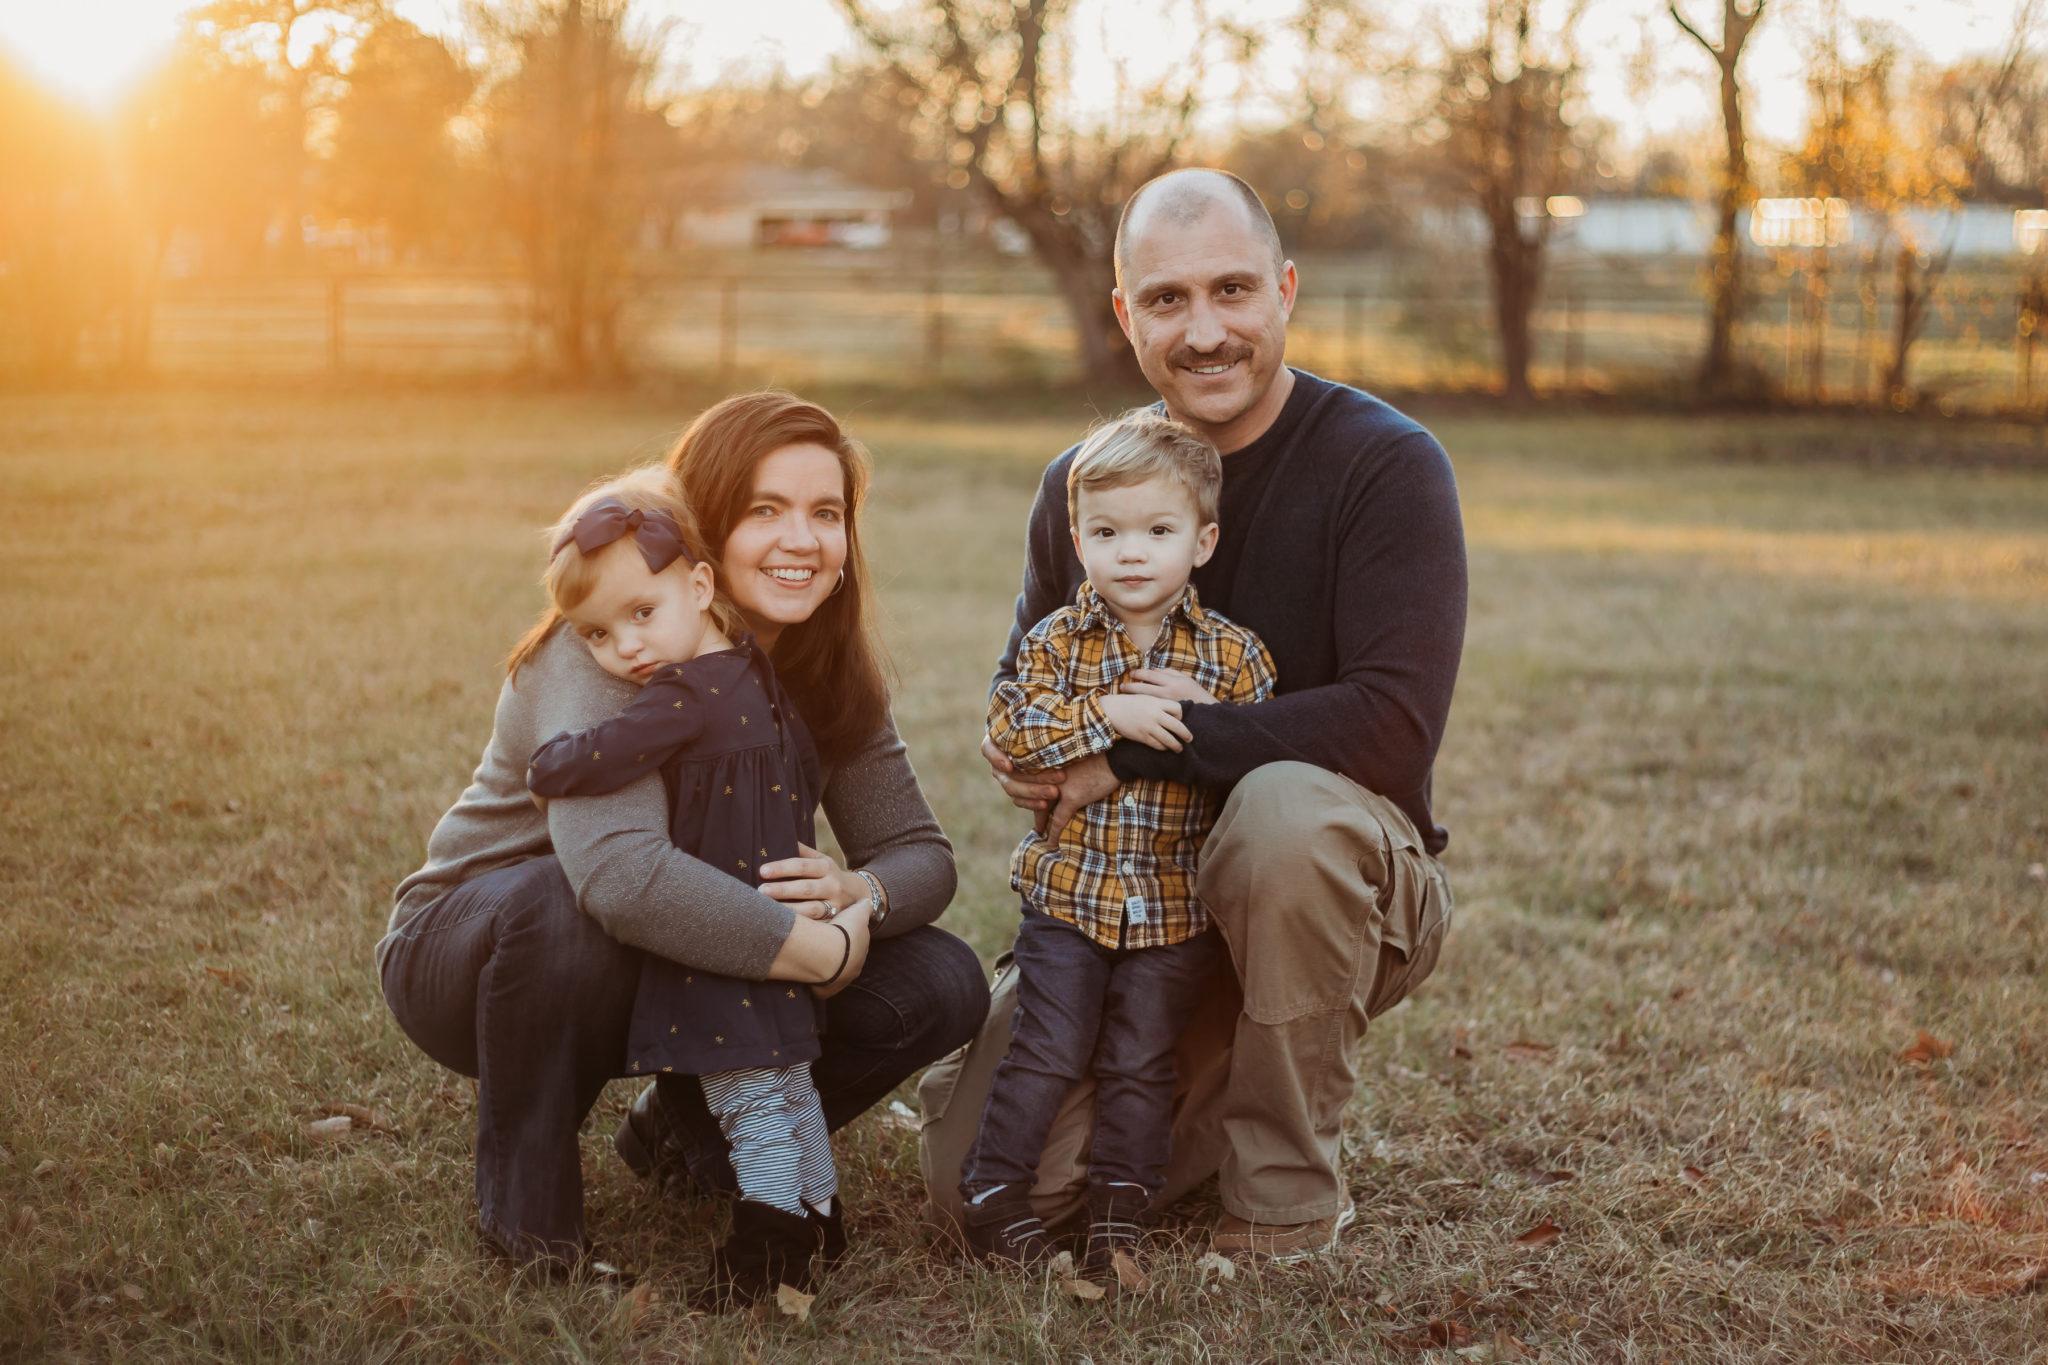 Lifetime Adoptive Parents Aaron and Karen